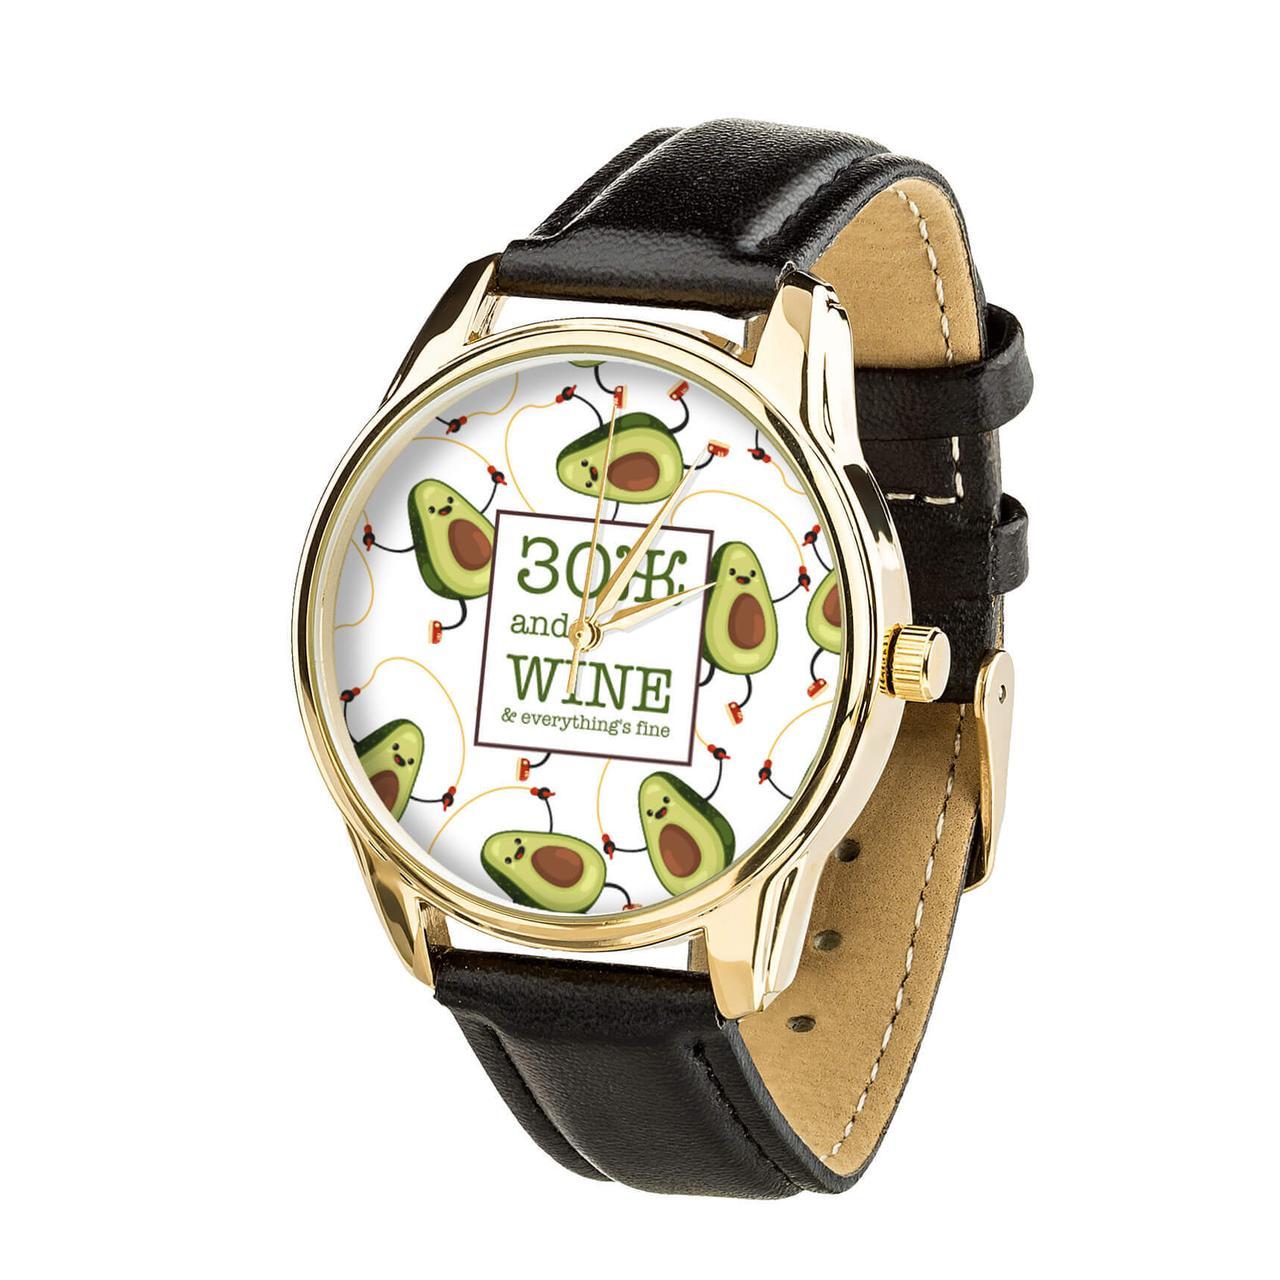 Часы ZIZ ЗОЖ (ремешок насыщенно - черный, золото) + дополнительный ремешок